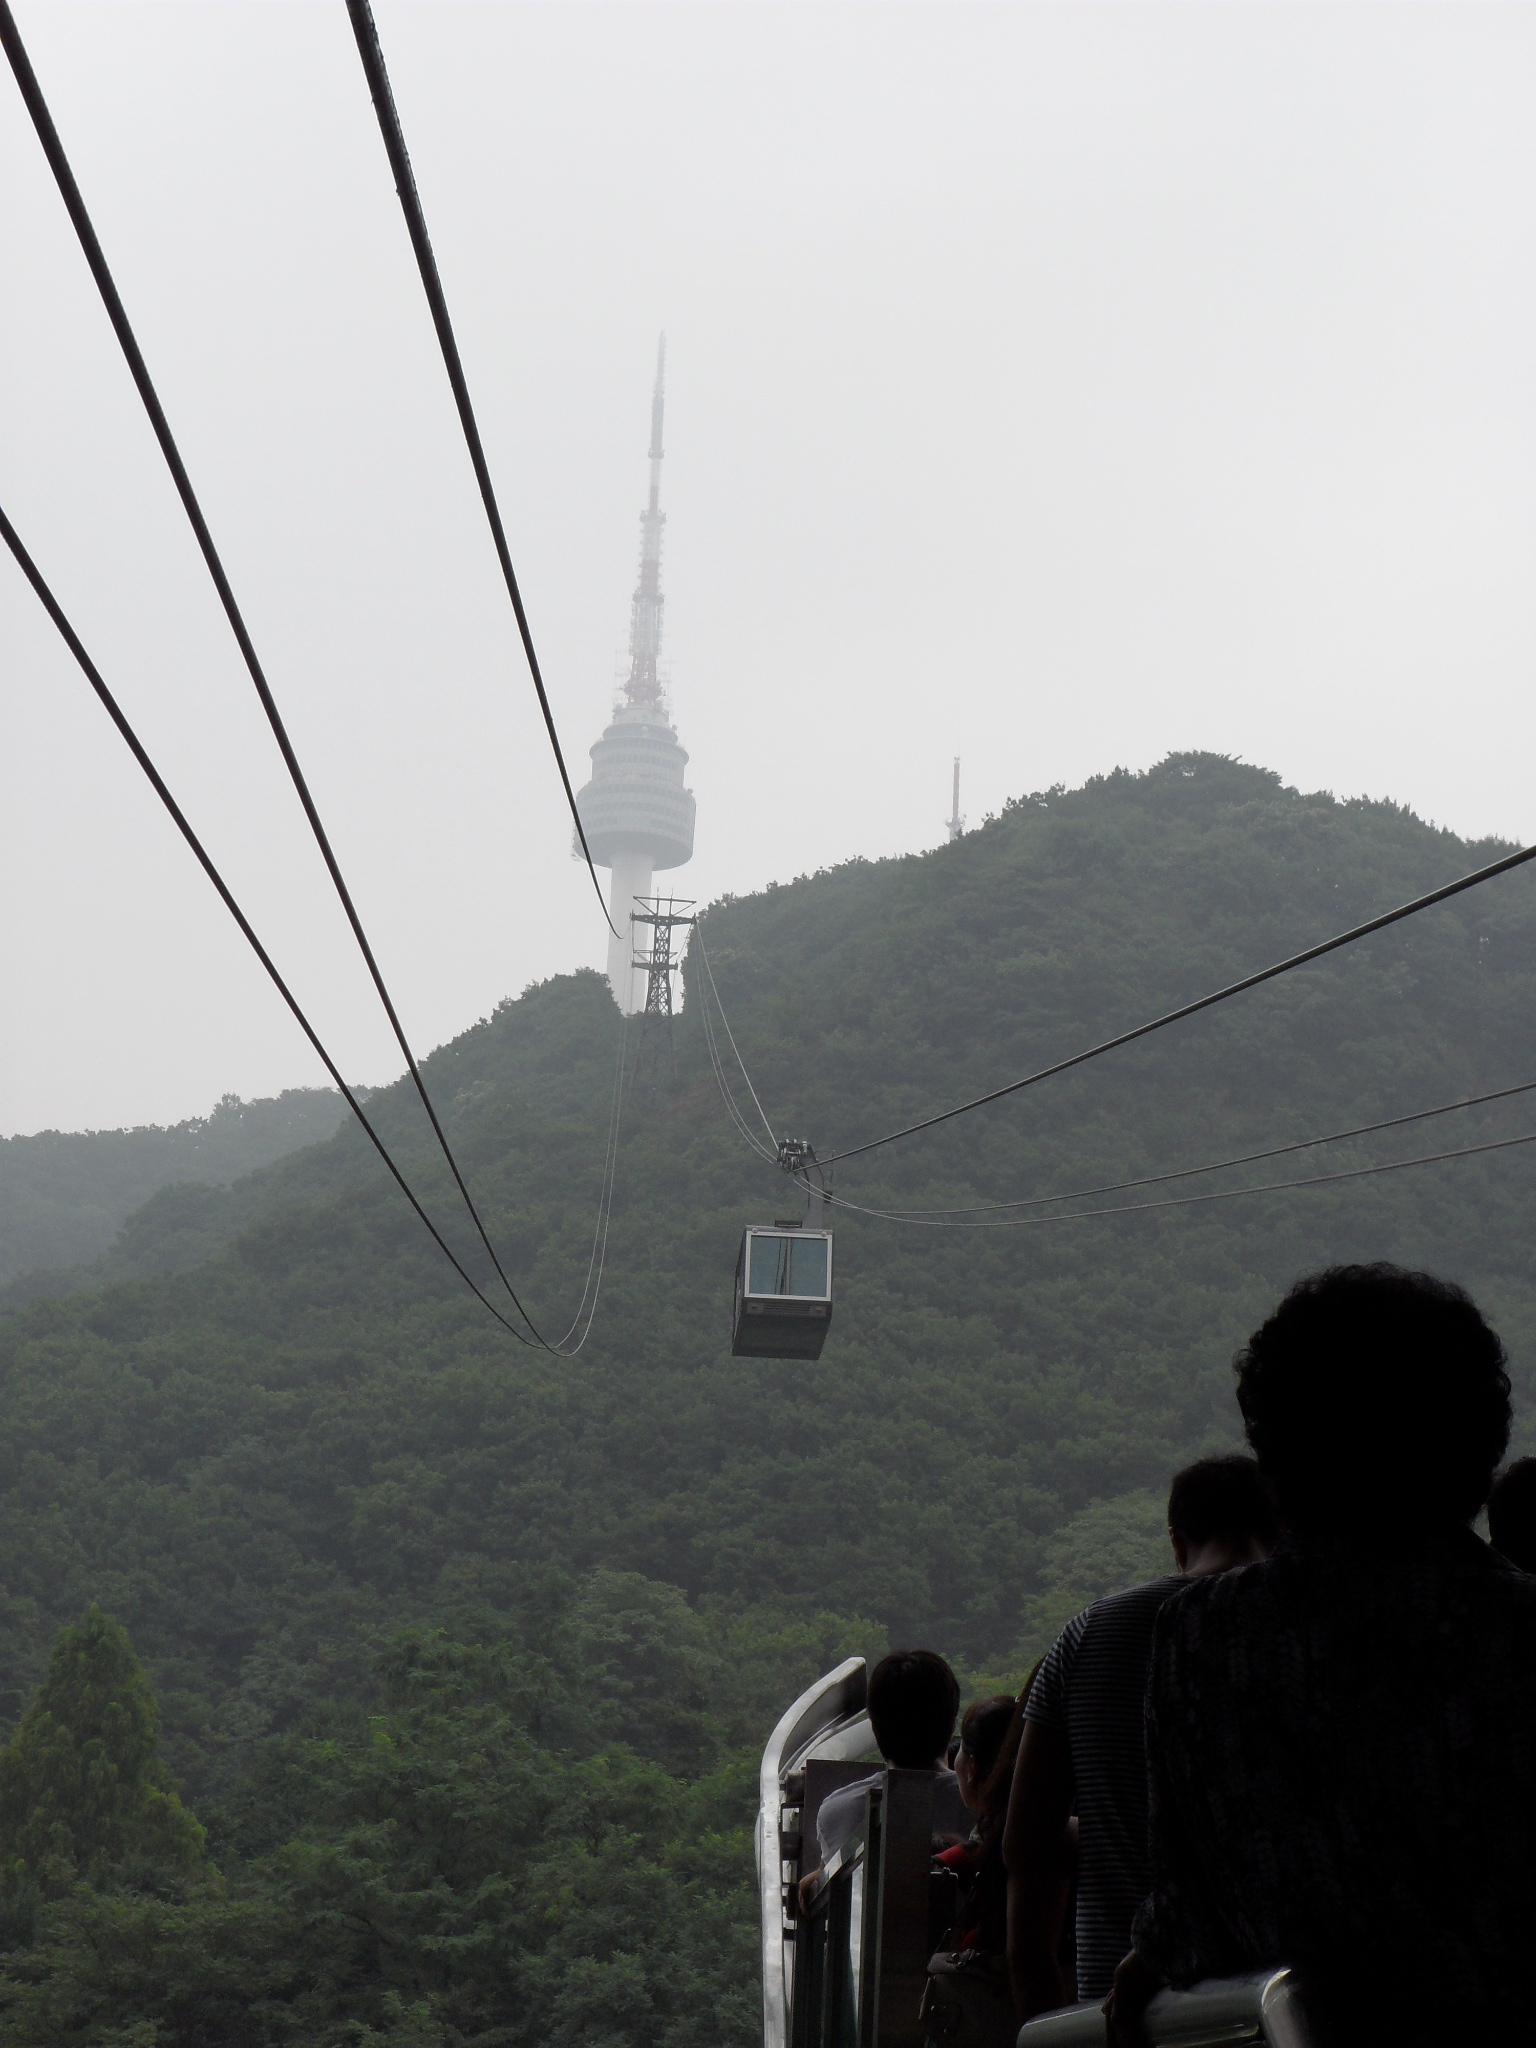 N Seoul Tower - 1574 ft high